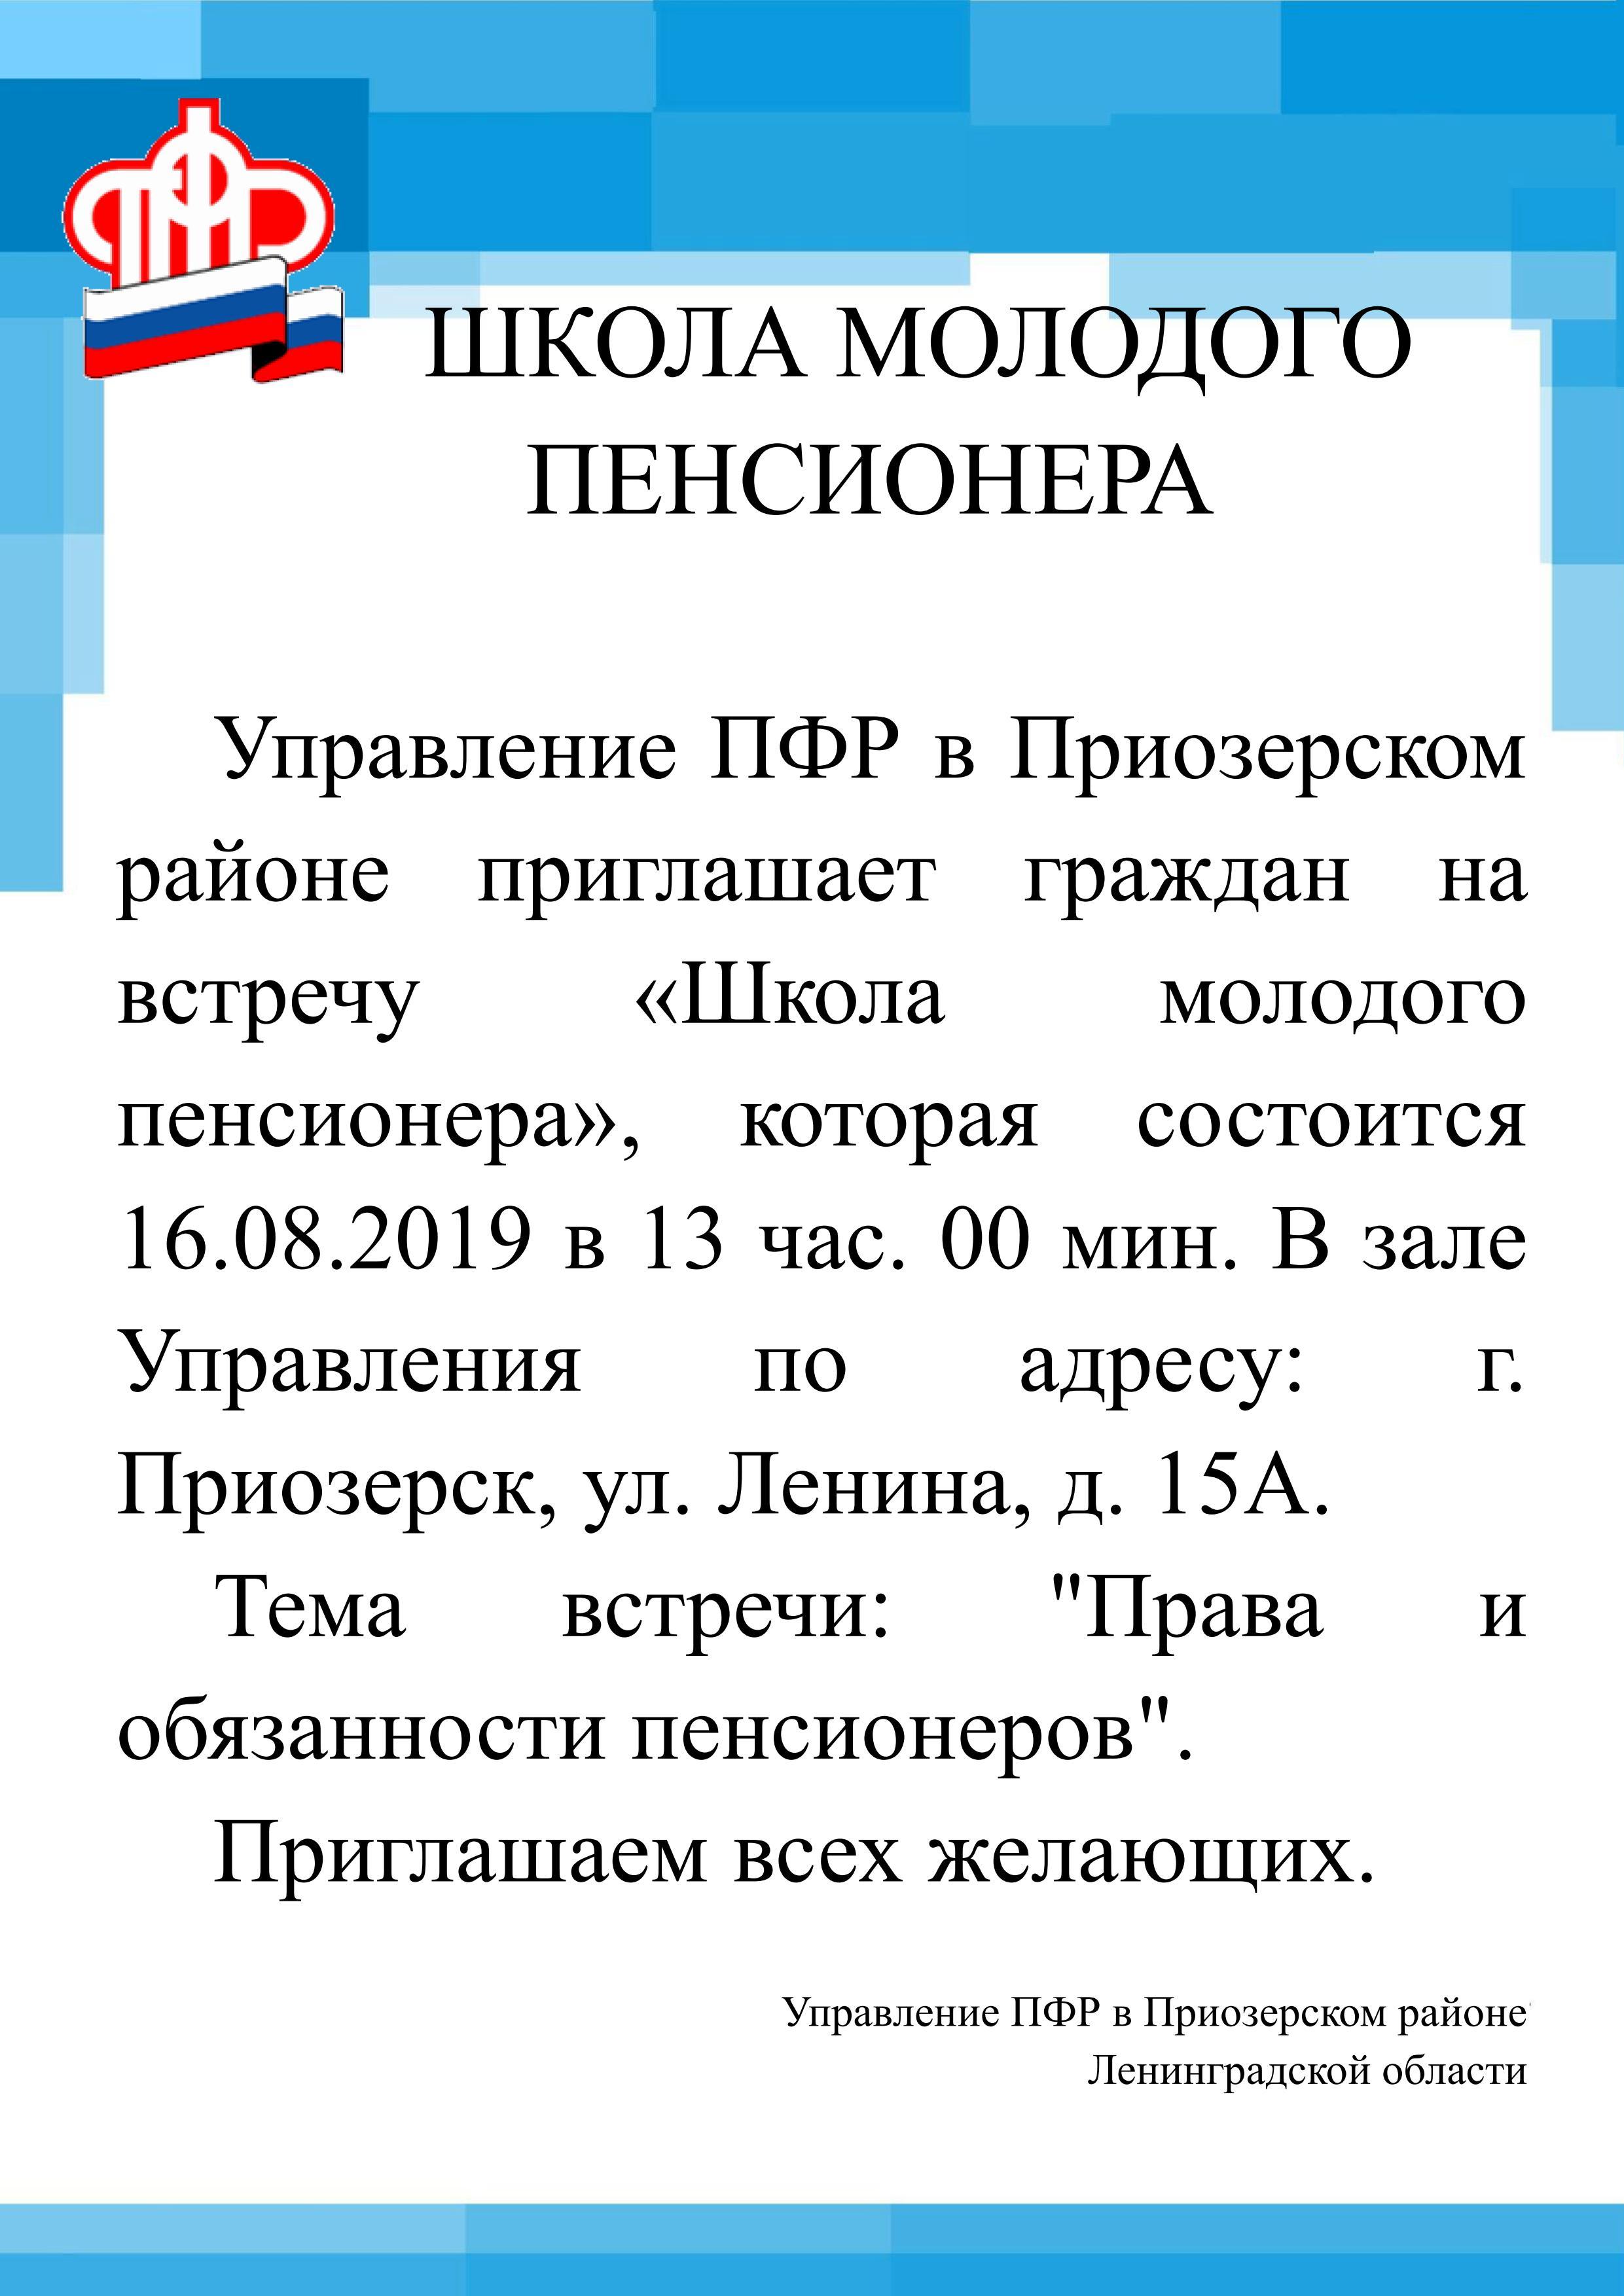 ШКОЛА МОЛОДОГО ПЕНСИОНЕРА 1608_01